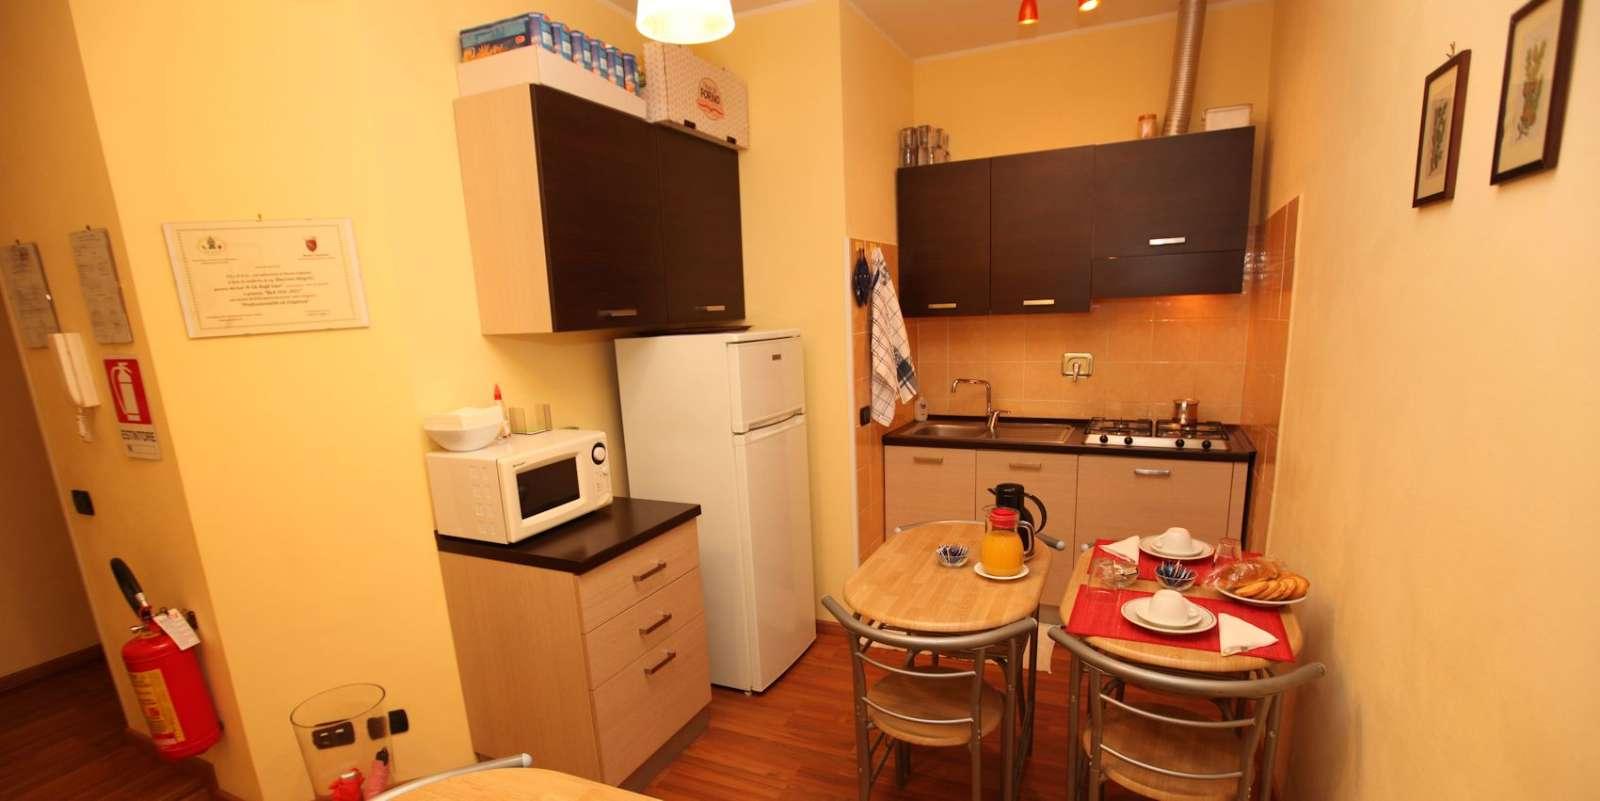 Køkkenet og bordene til morgenmad